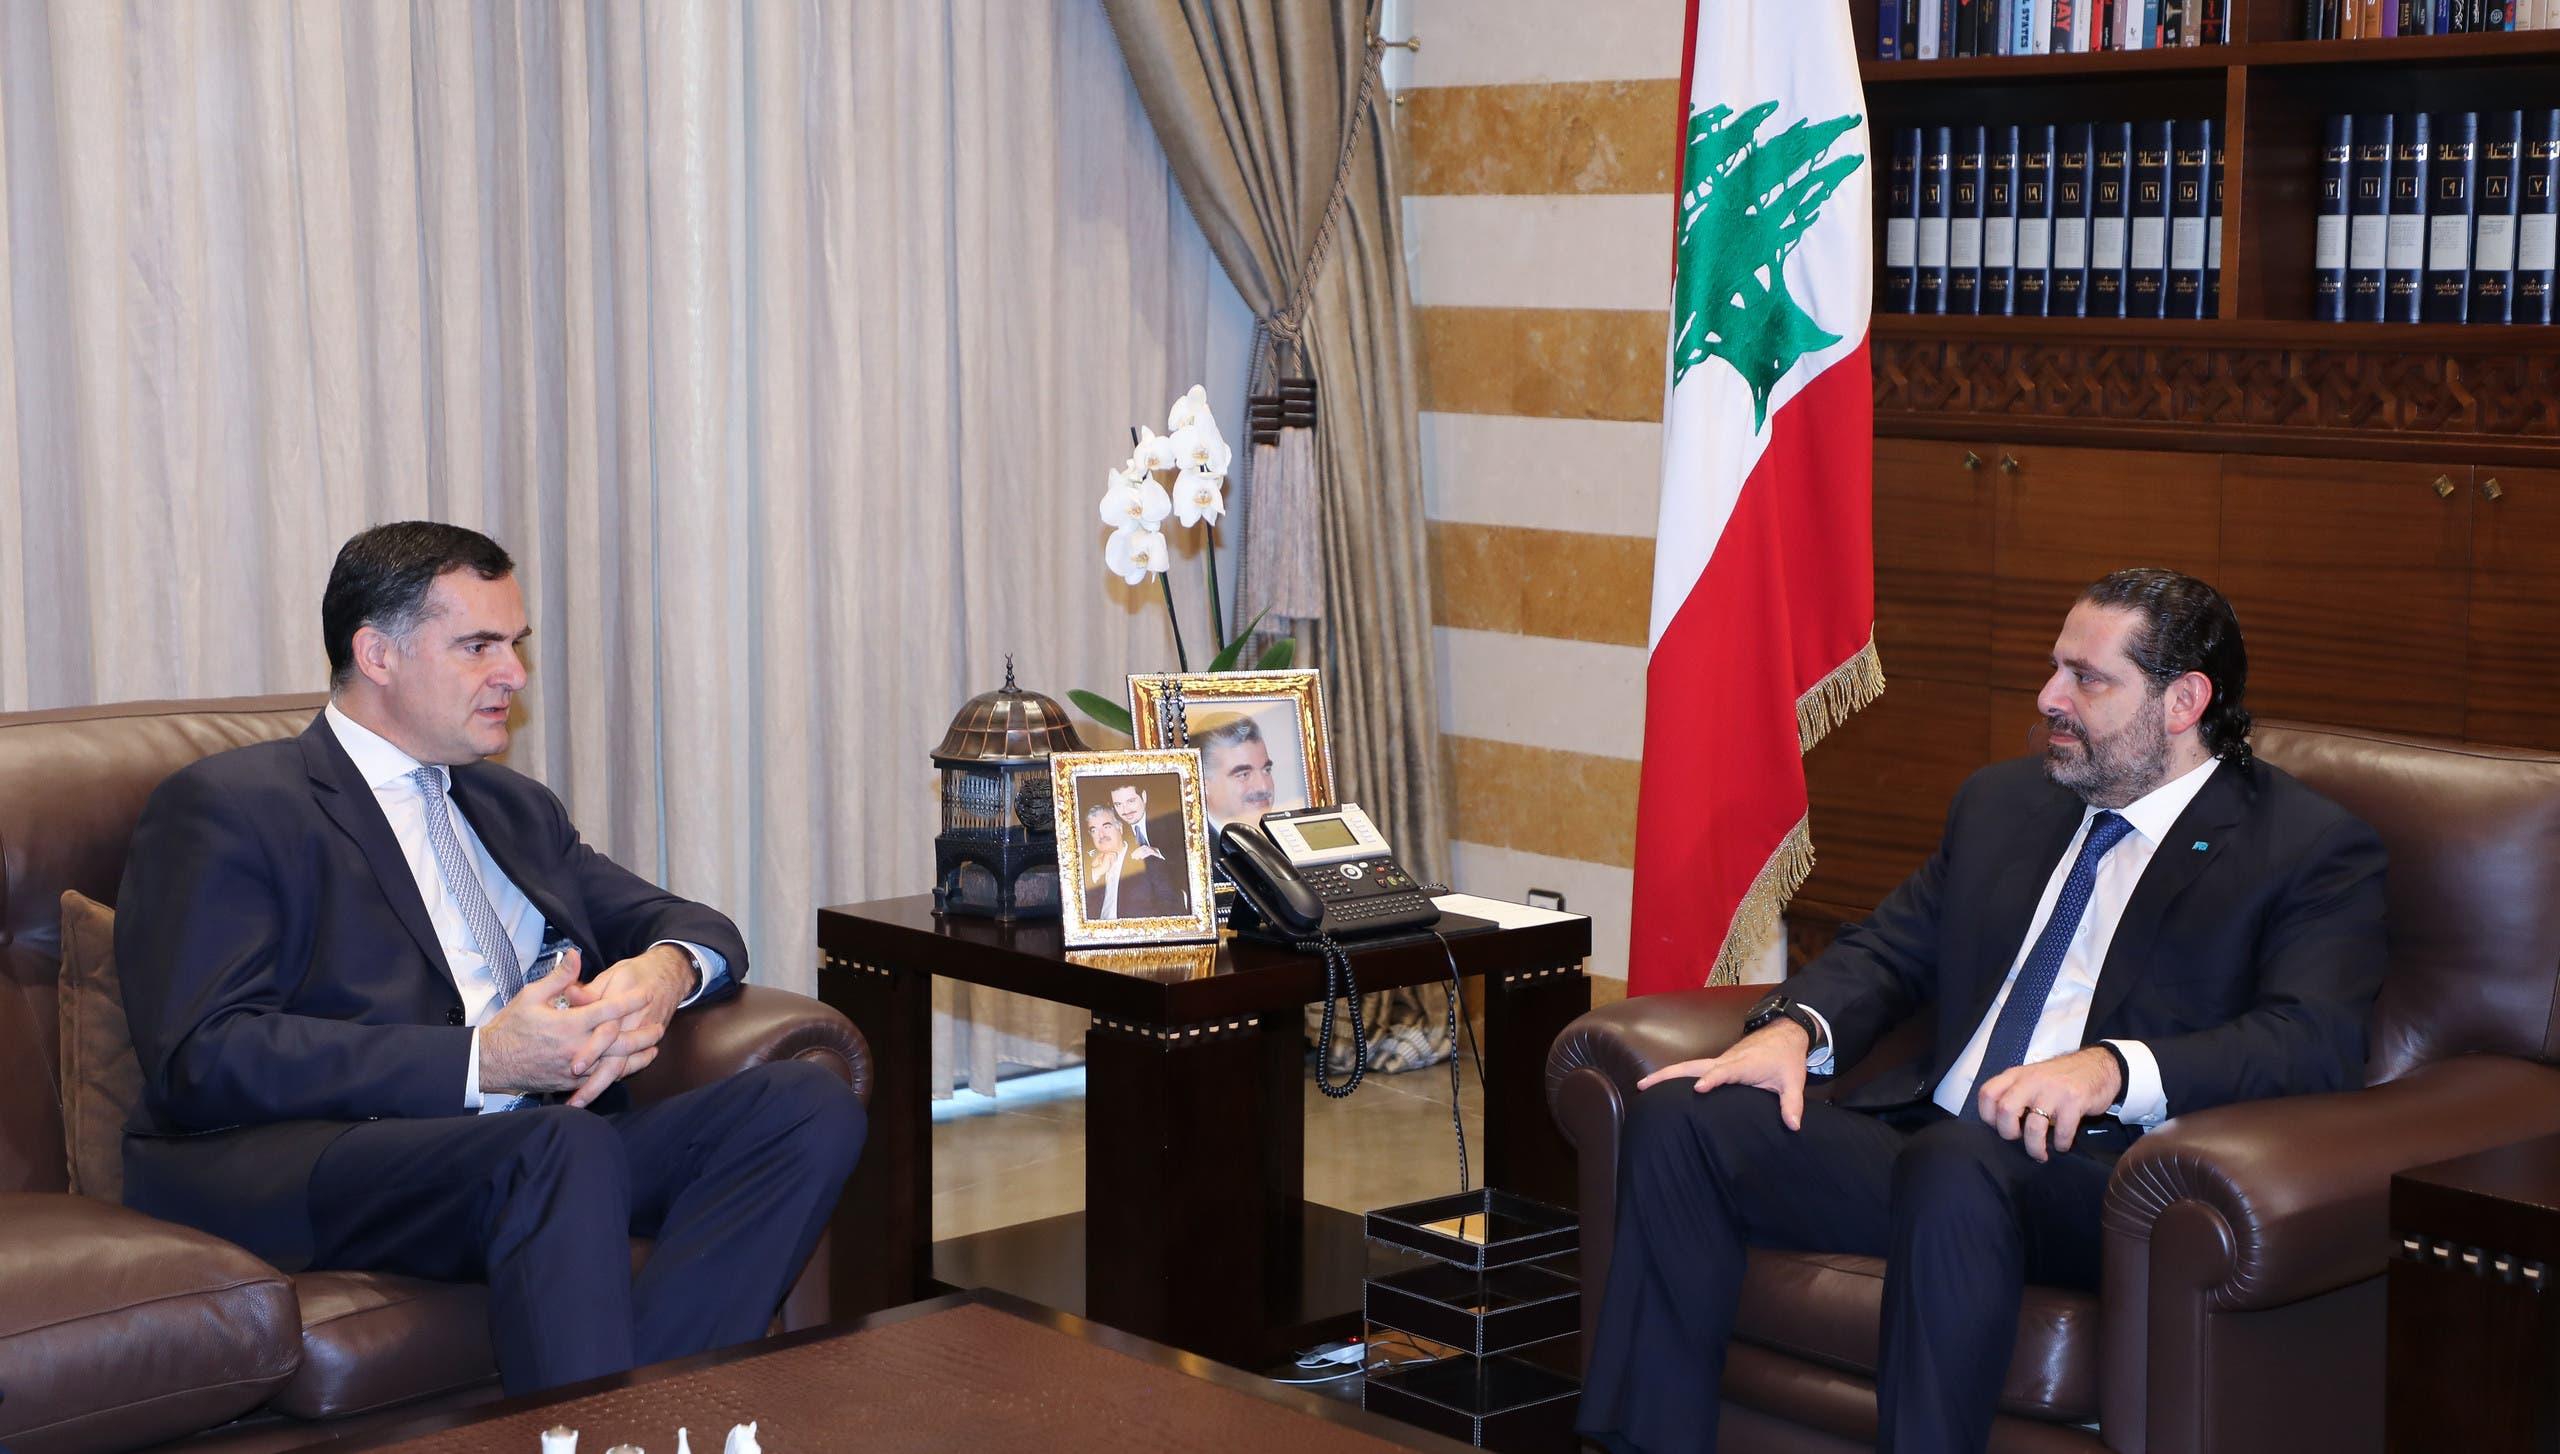 الموفد الفرنسي خلال لقائه رئيس الحكومة المستقيل سعد الحريري (أرشيفية)